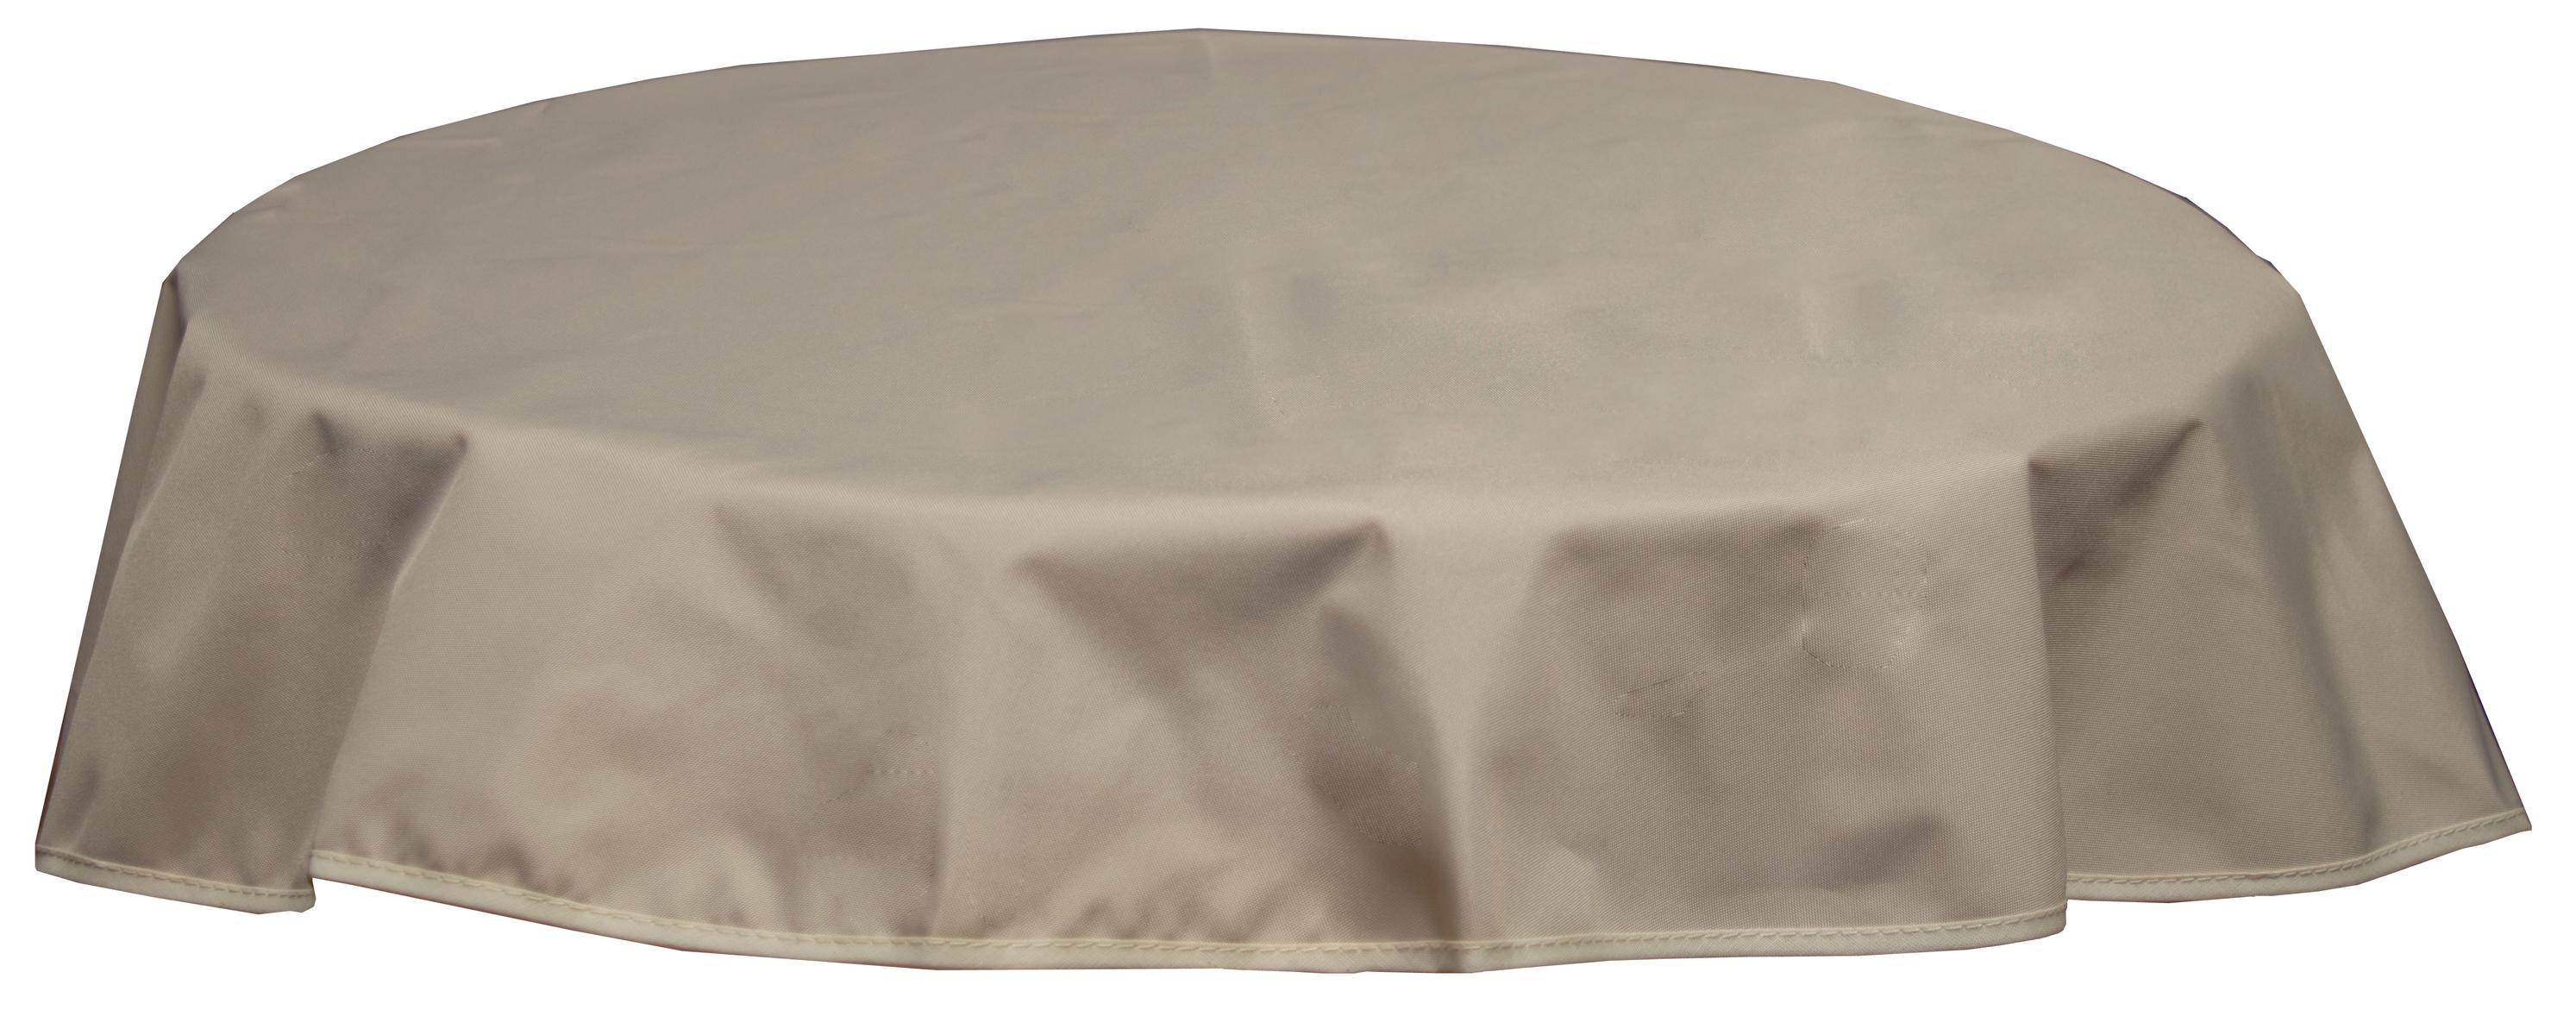 Runde Tischdecke 160cm wasserabweisend 100% Polyester in beige